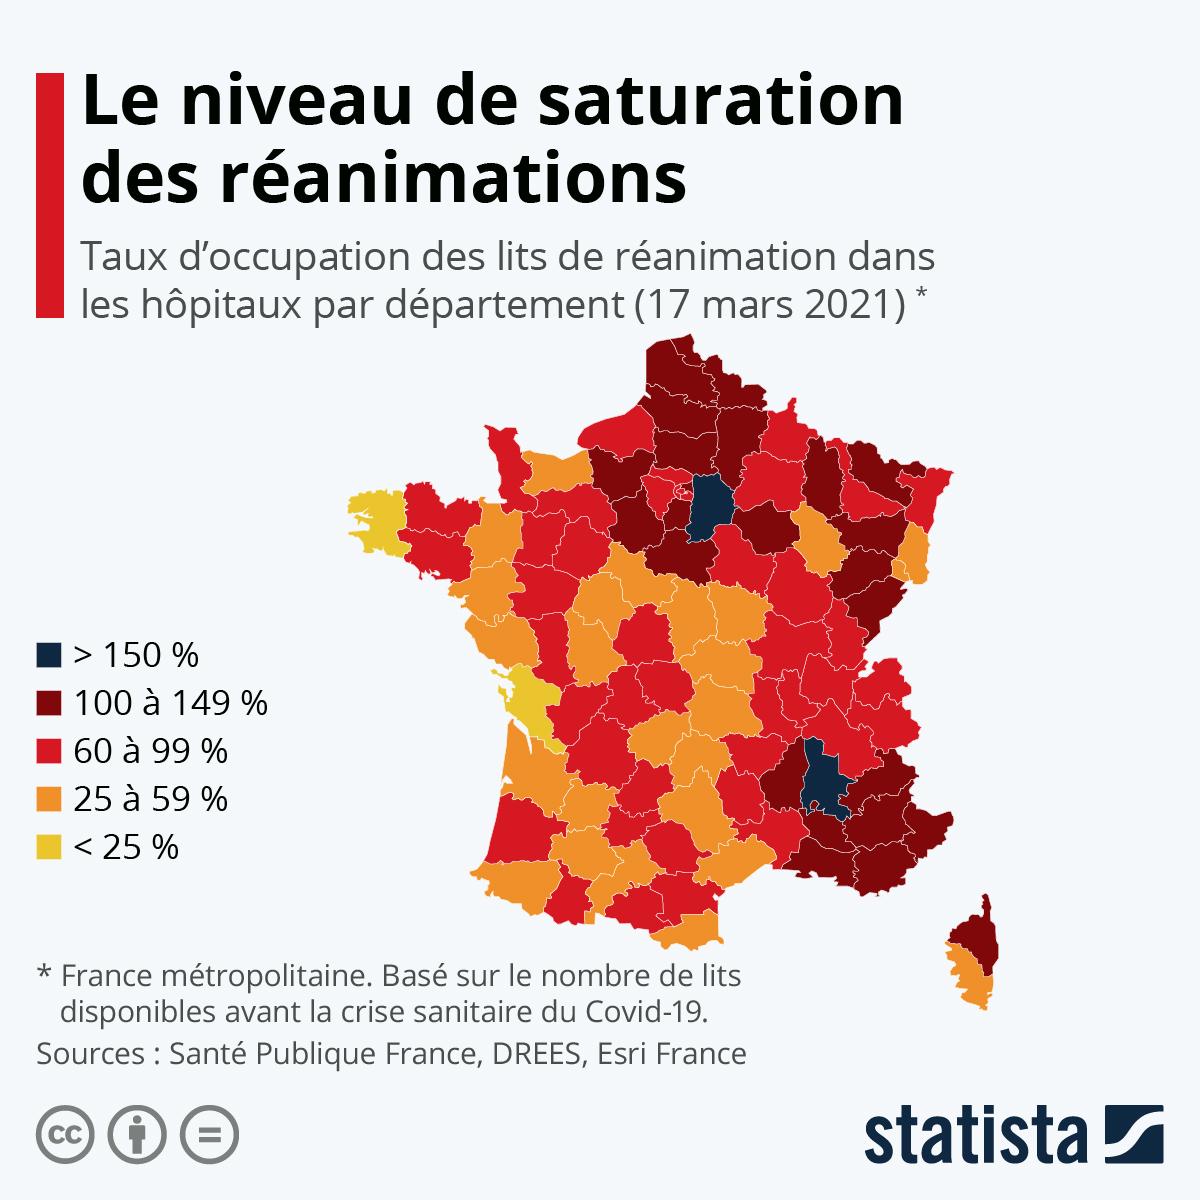 Infographie: Les services de réanimation à nouveau saturés | Statista